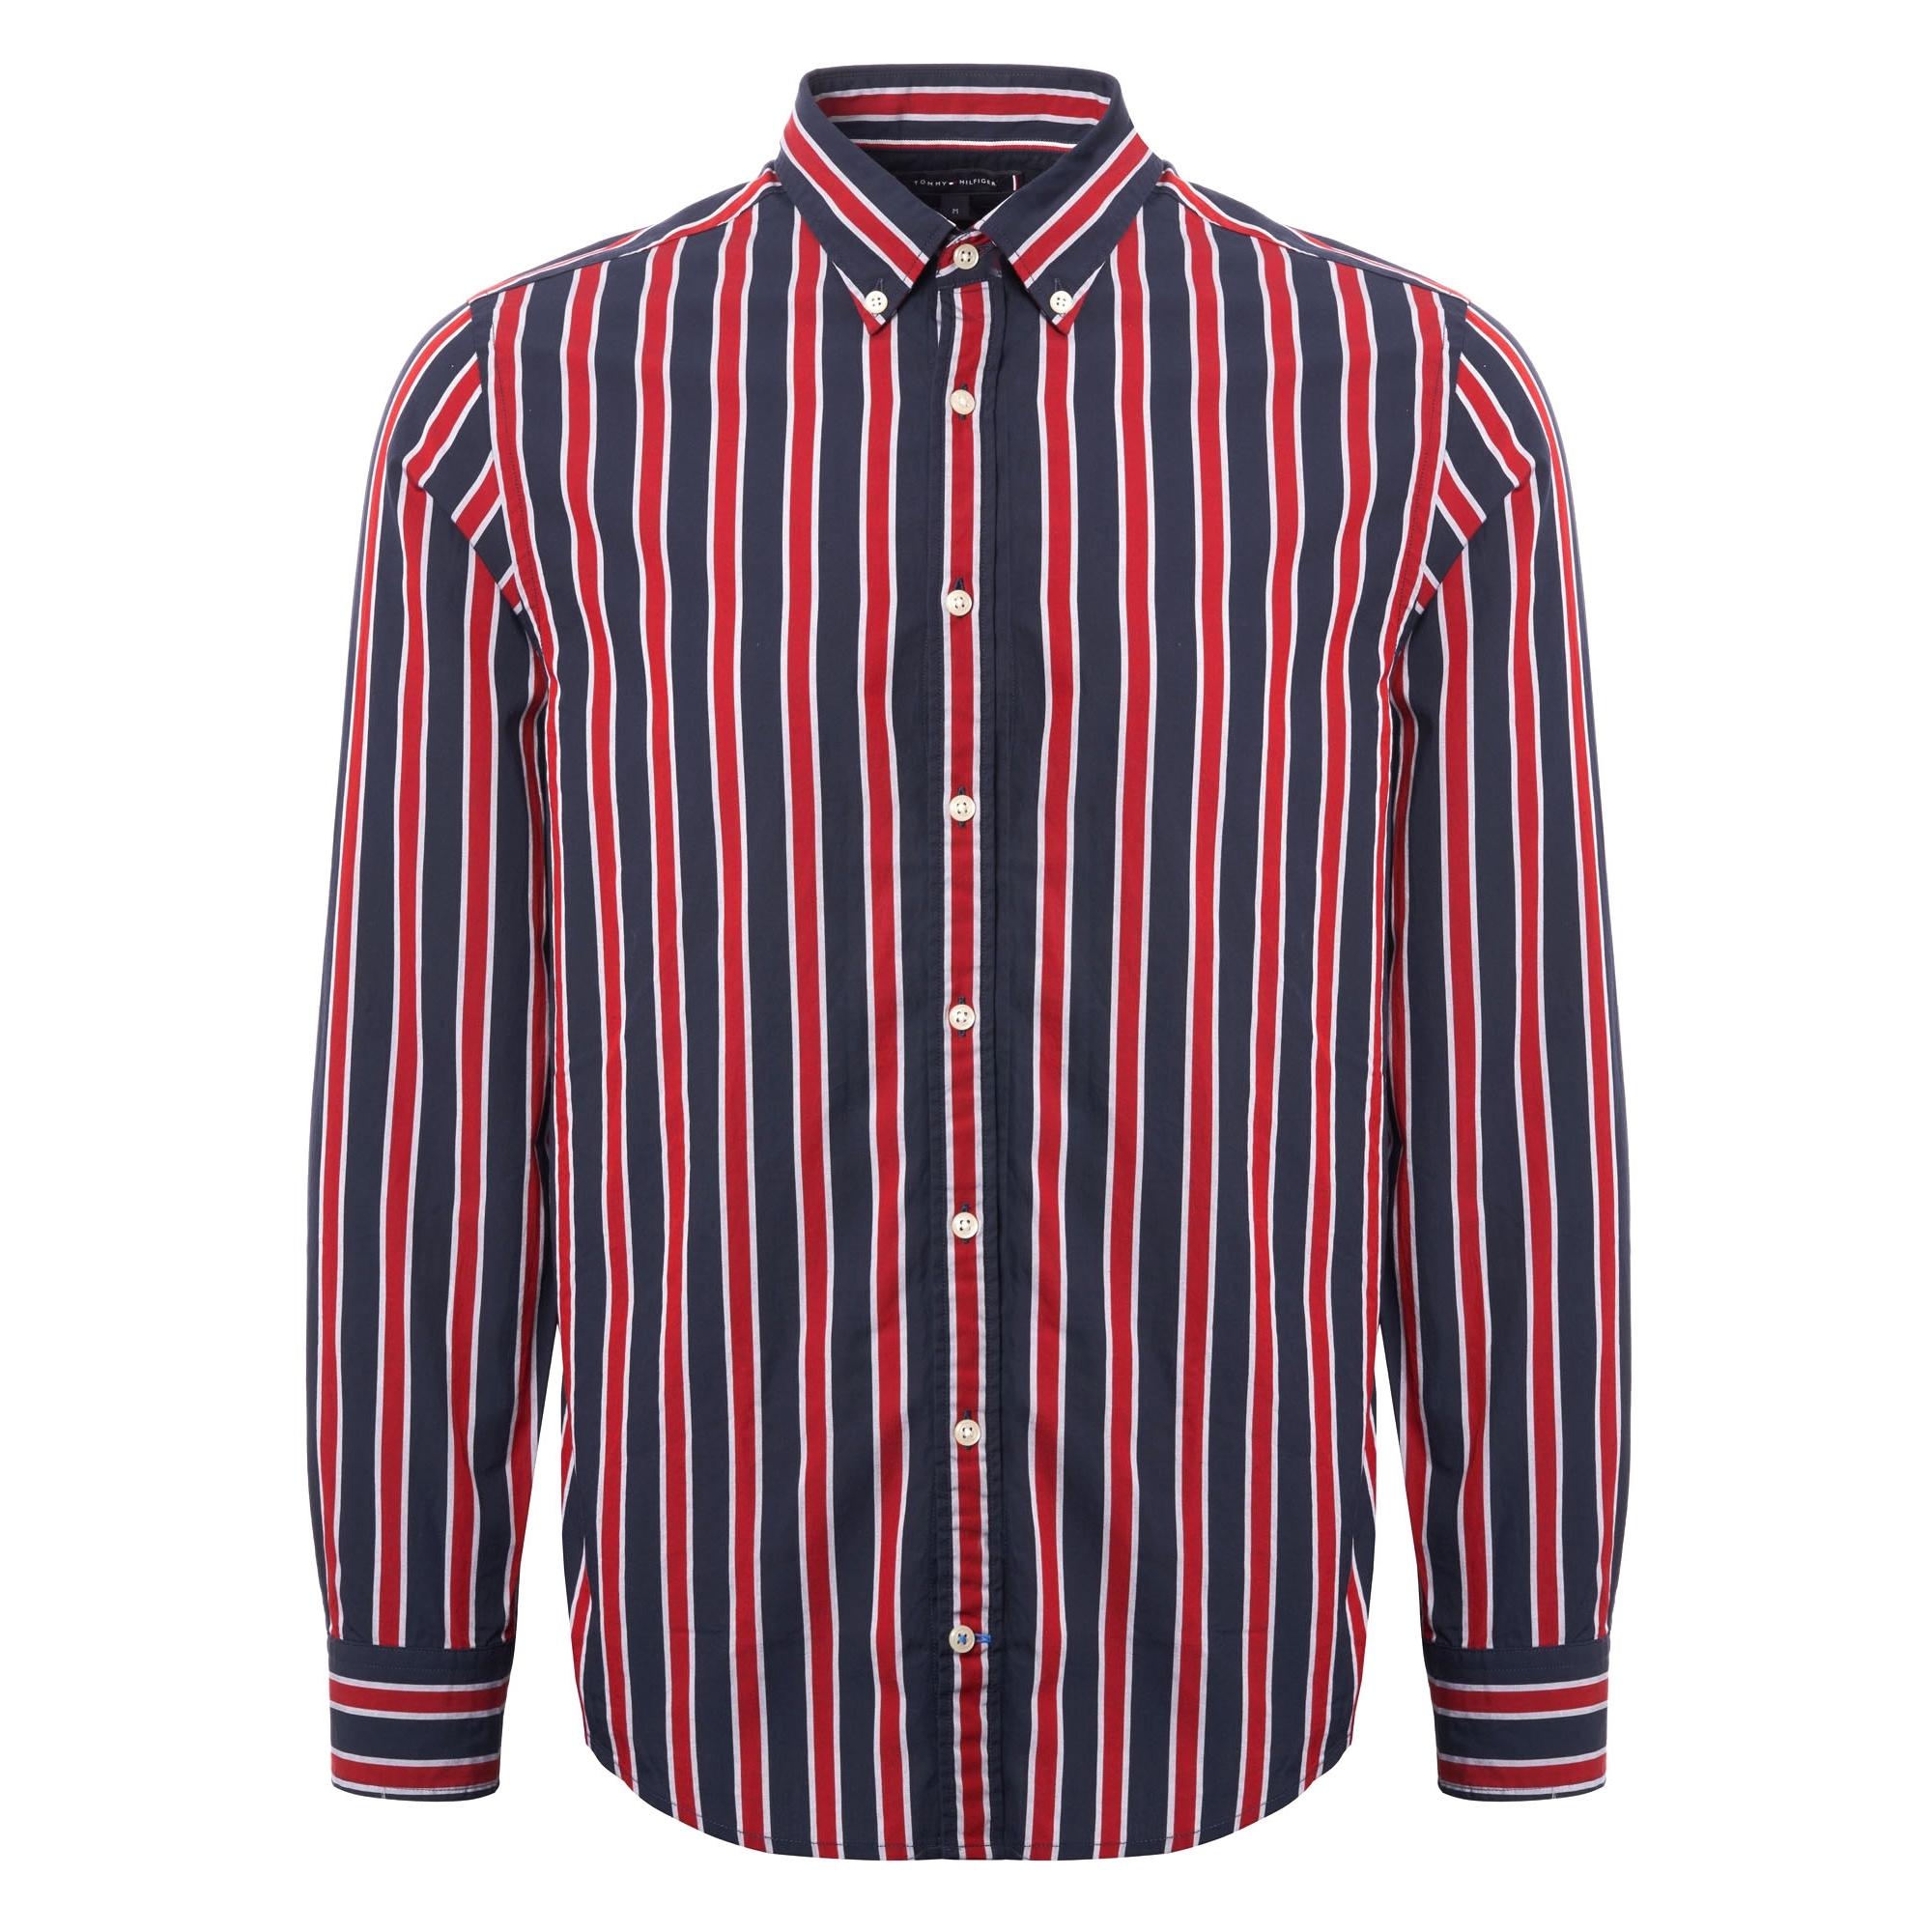 Tommy Hilfiger Regimental Stripe Shirt Red Black Us Stockists